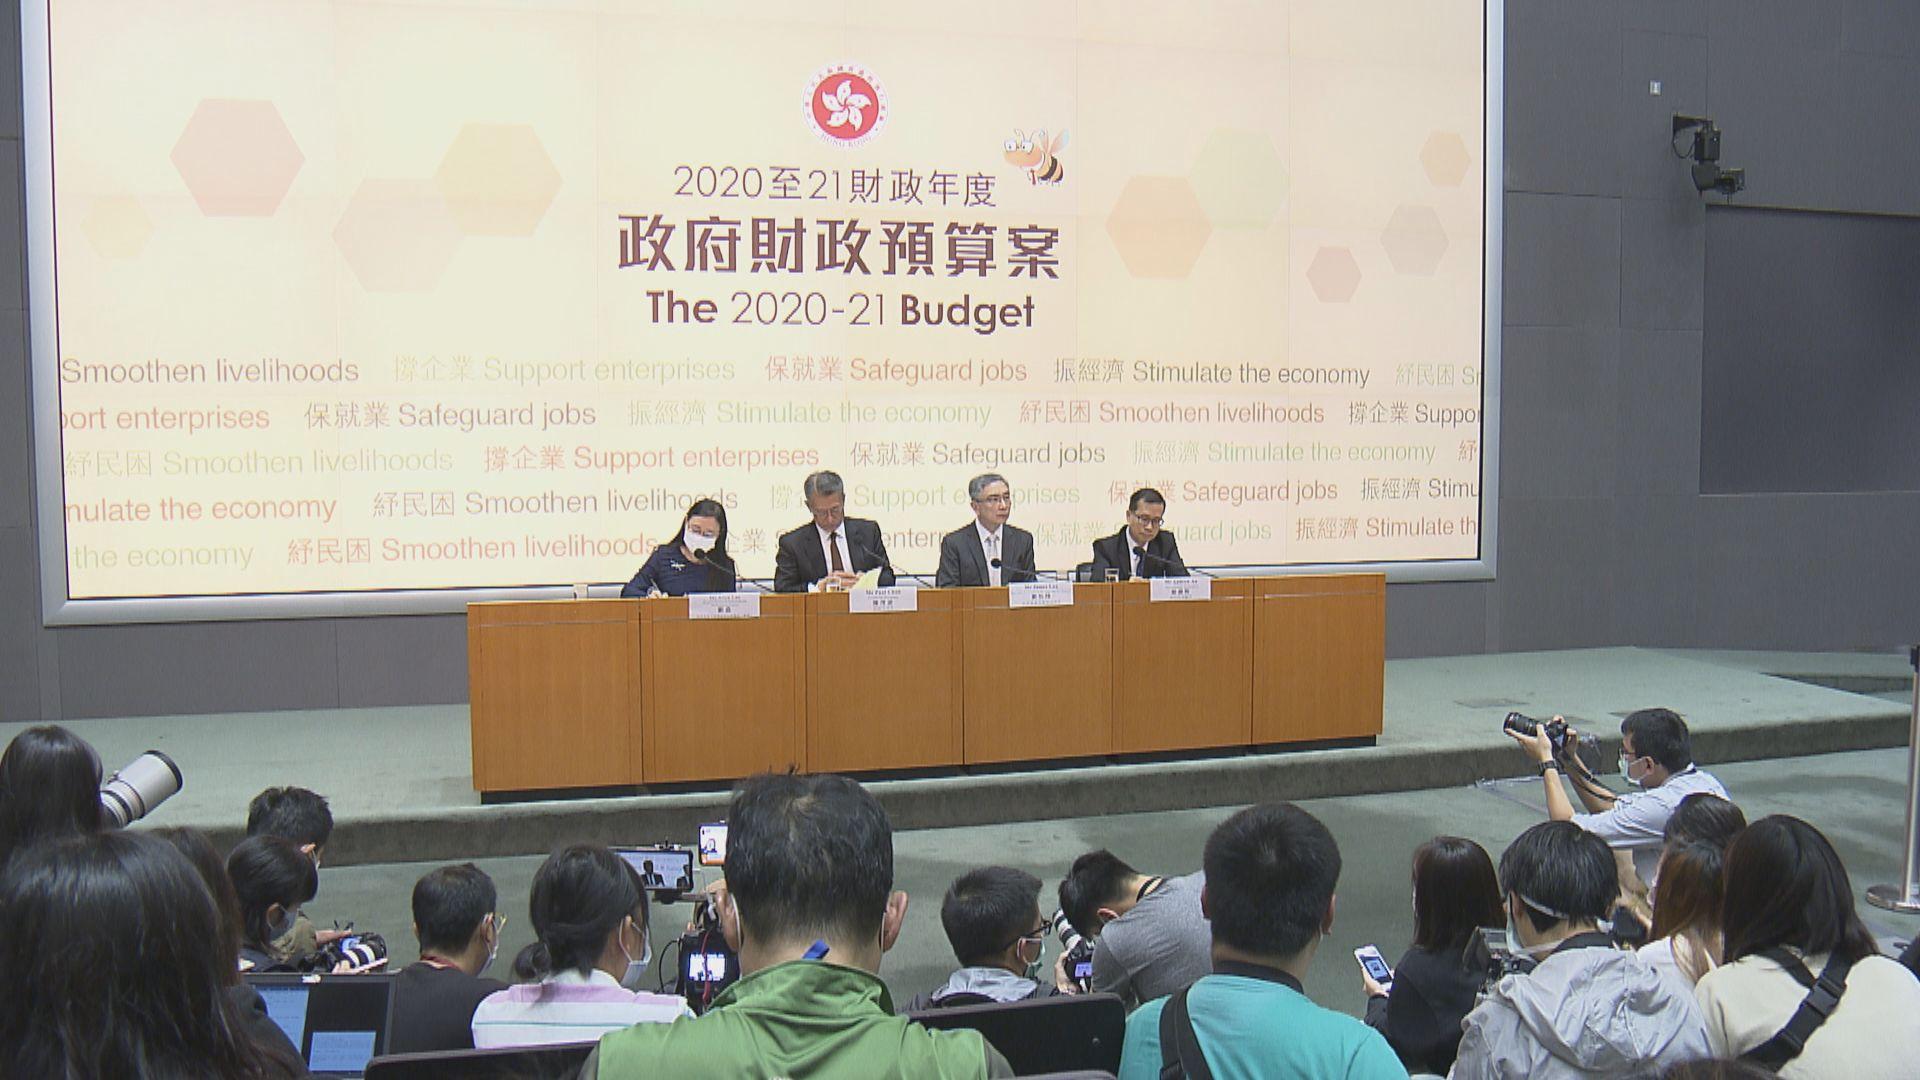 【最新】預算案警隊開支大增 陳茂波:無意抽出獨立審議表決